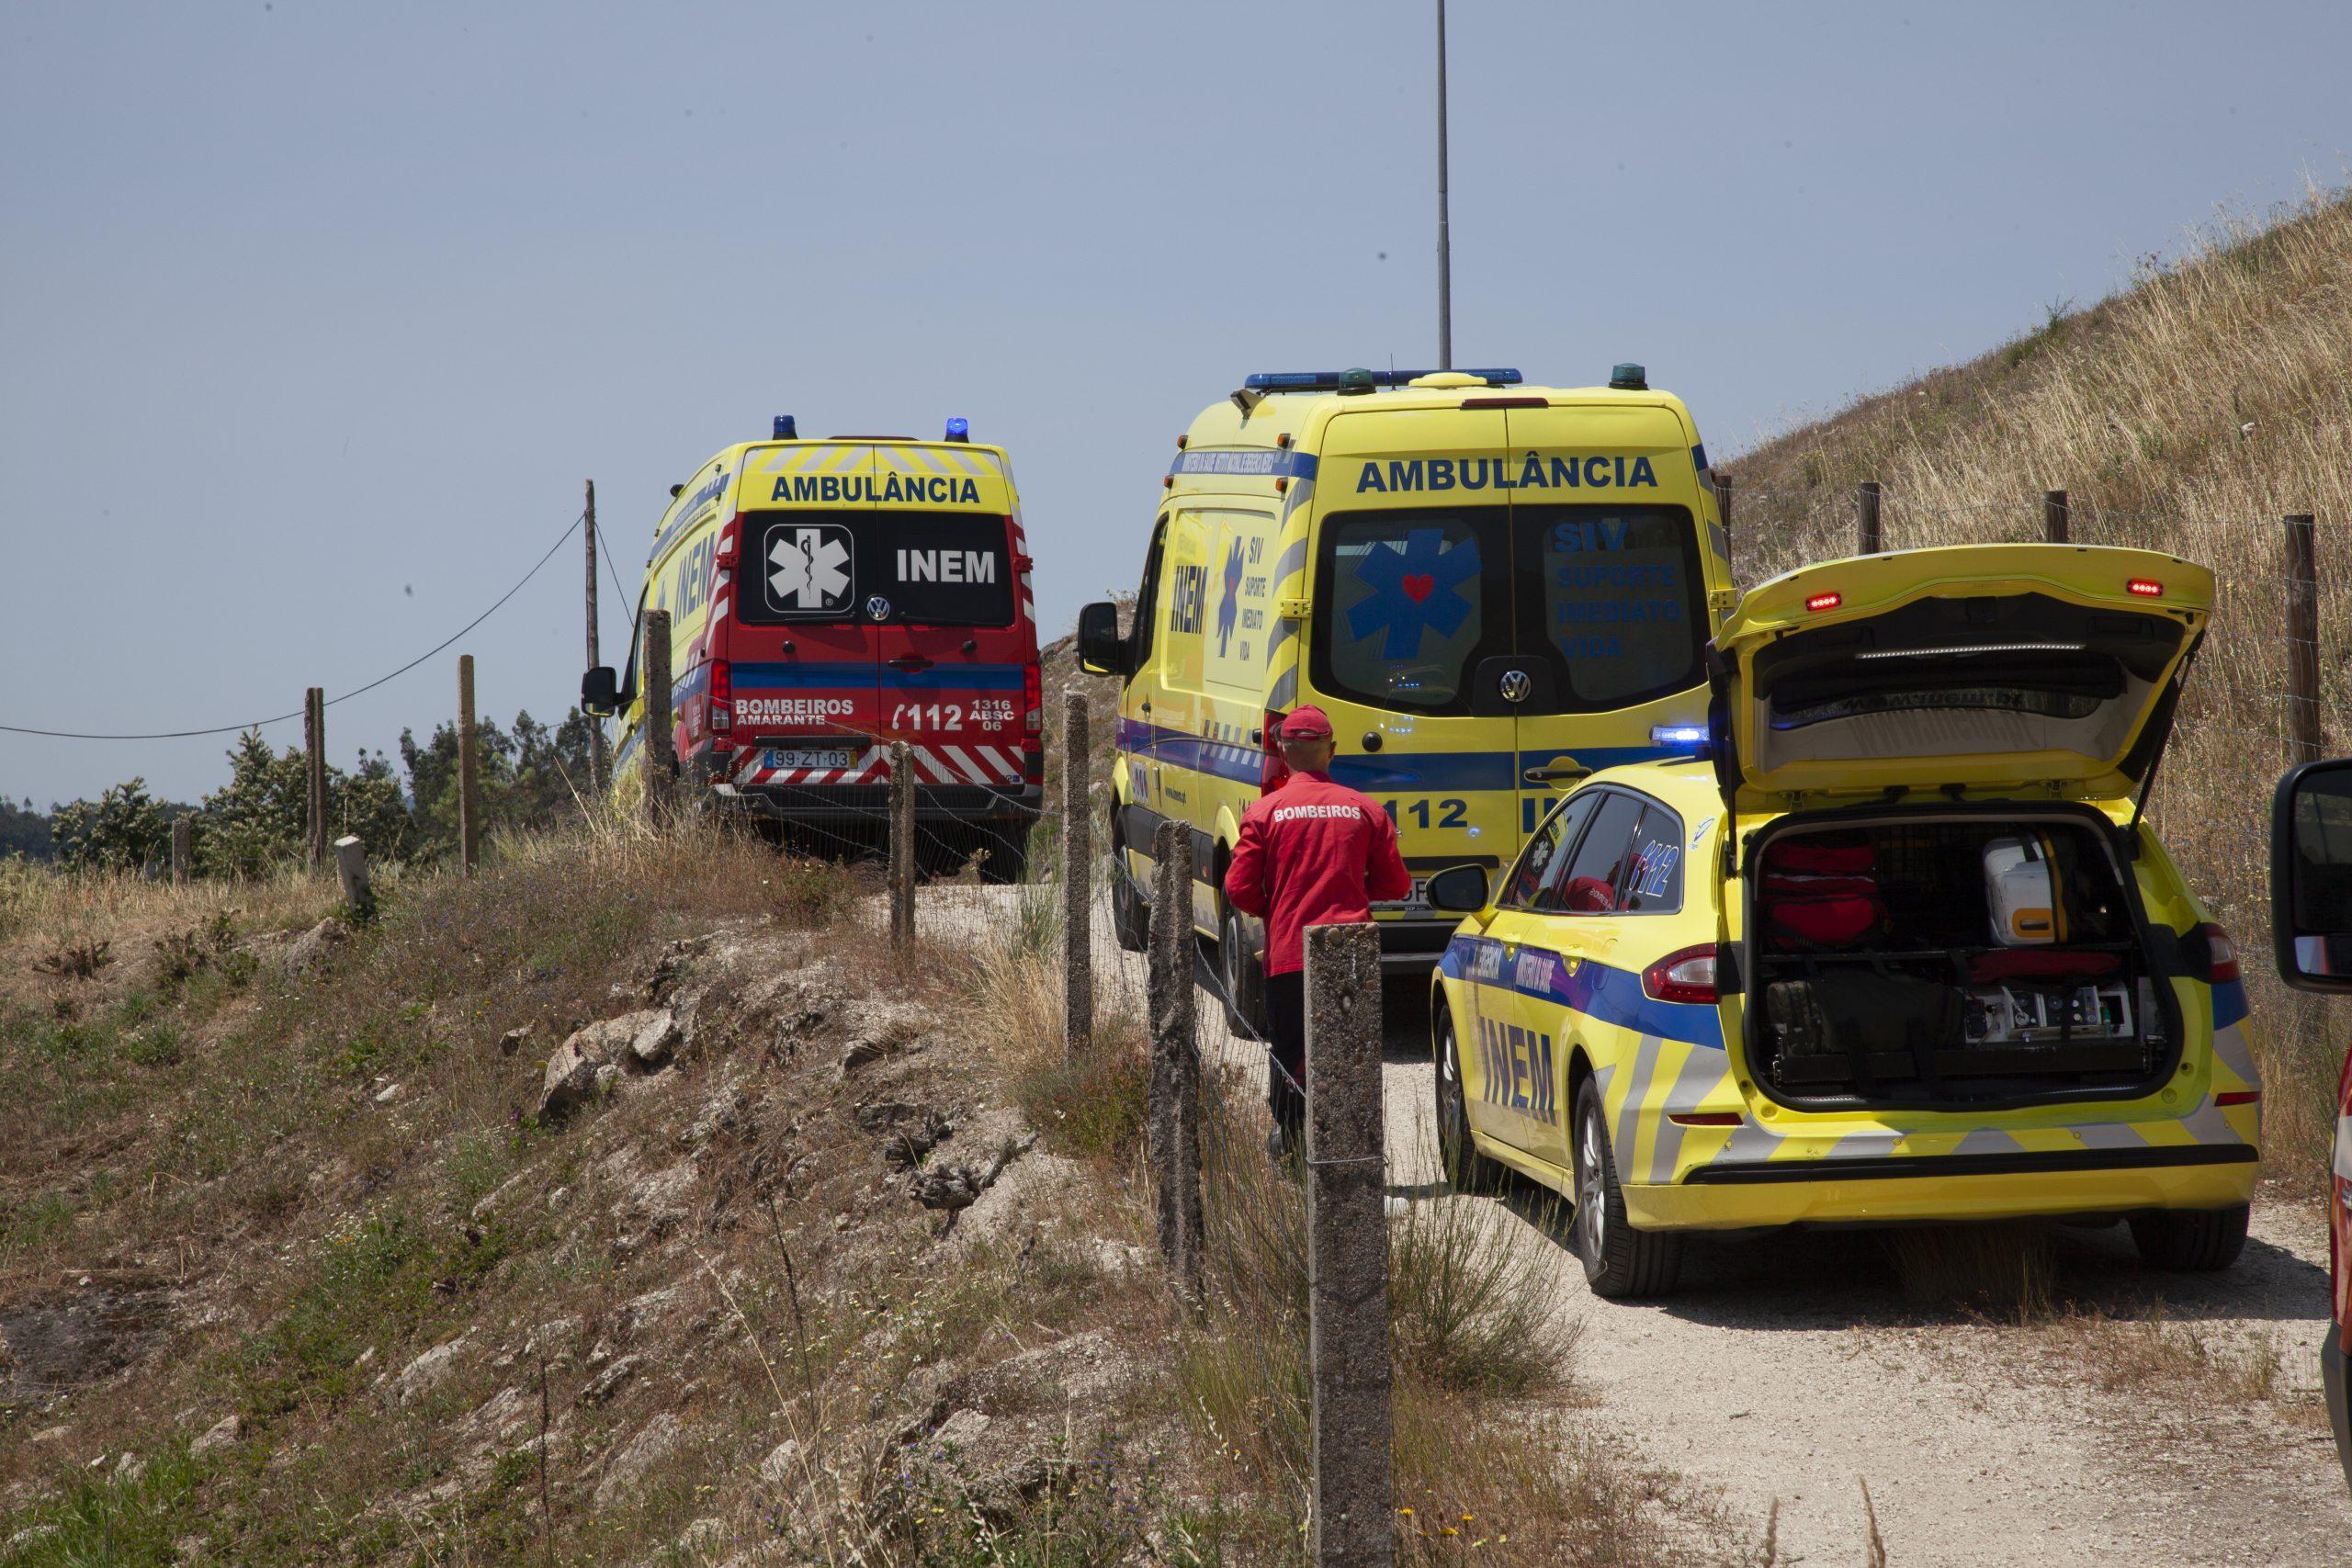 Despiste de ambulância mata bombeiro e doente na A4 em Candemil Amarante